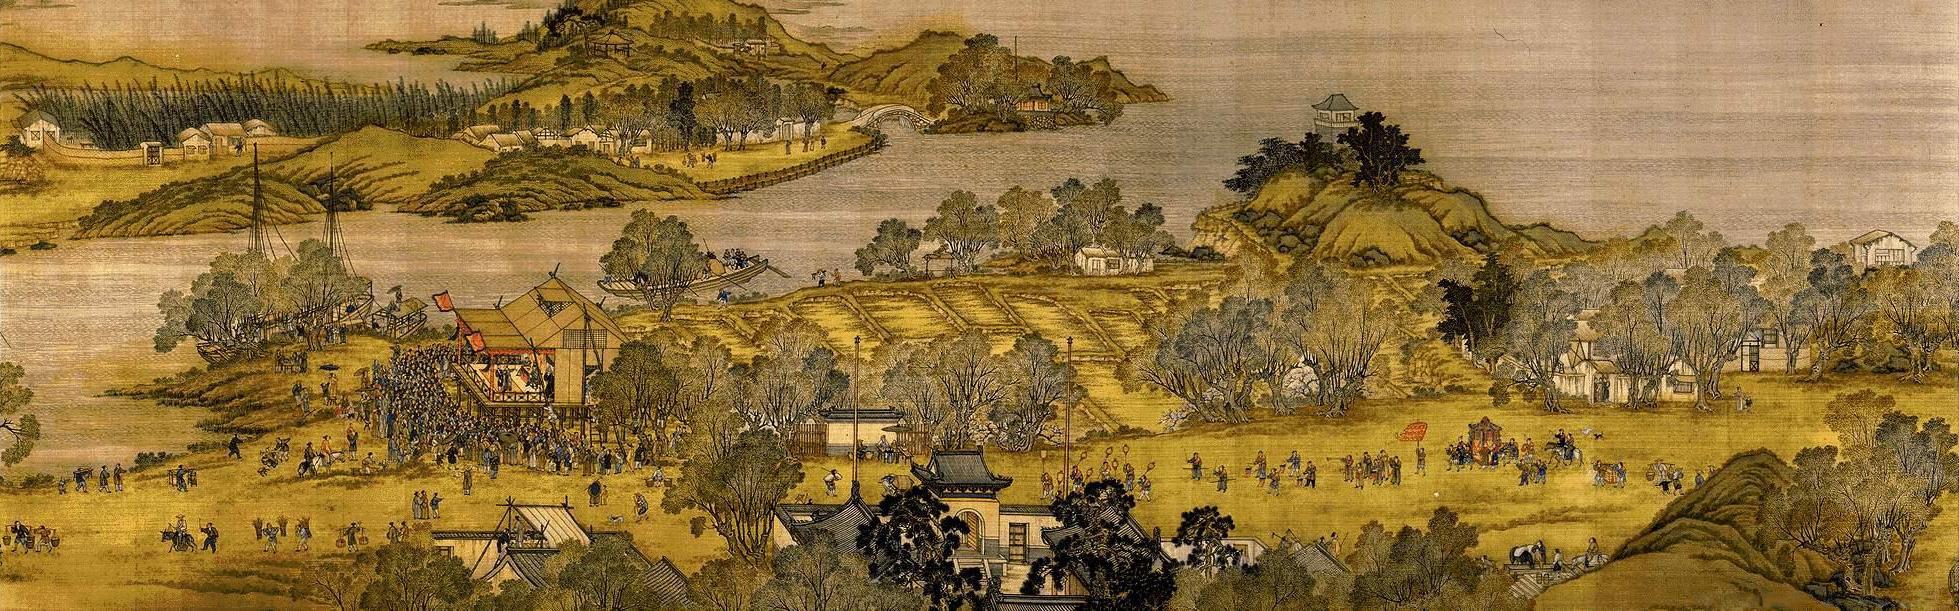 《清明上河图》暗藏心悸史实:京城防御如同纸糊 - 静水流深 - 静水流深